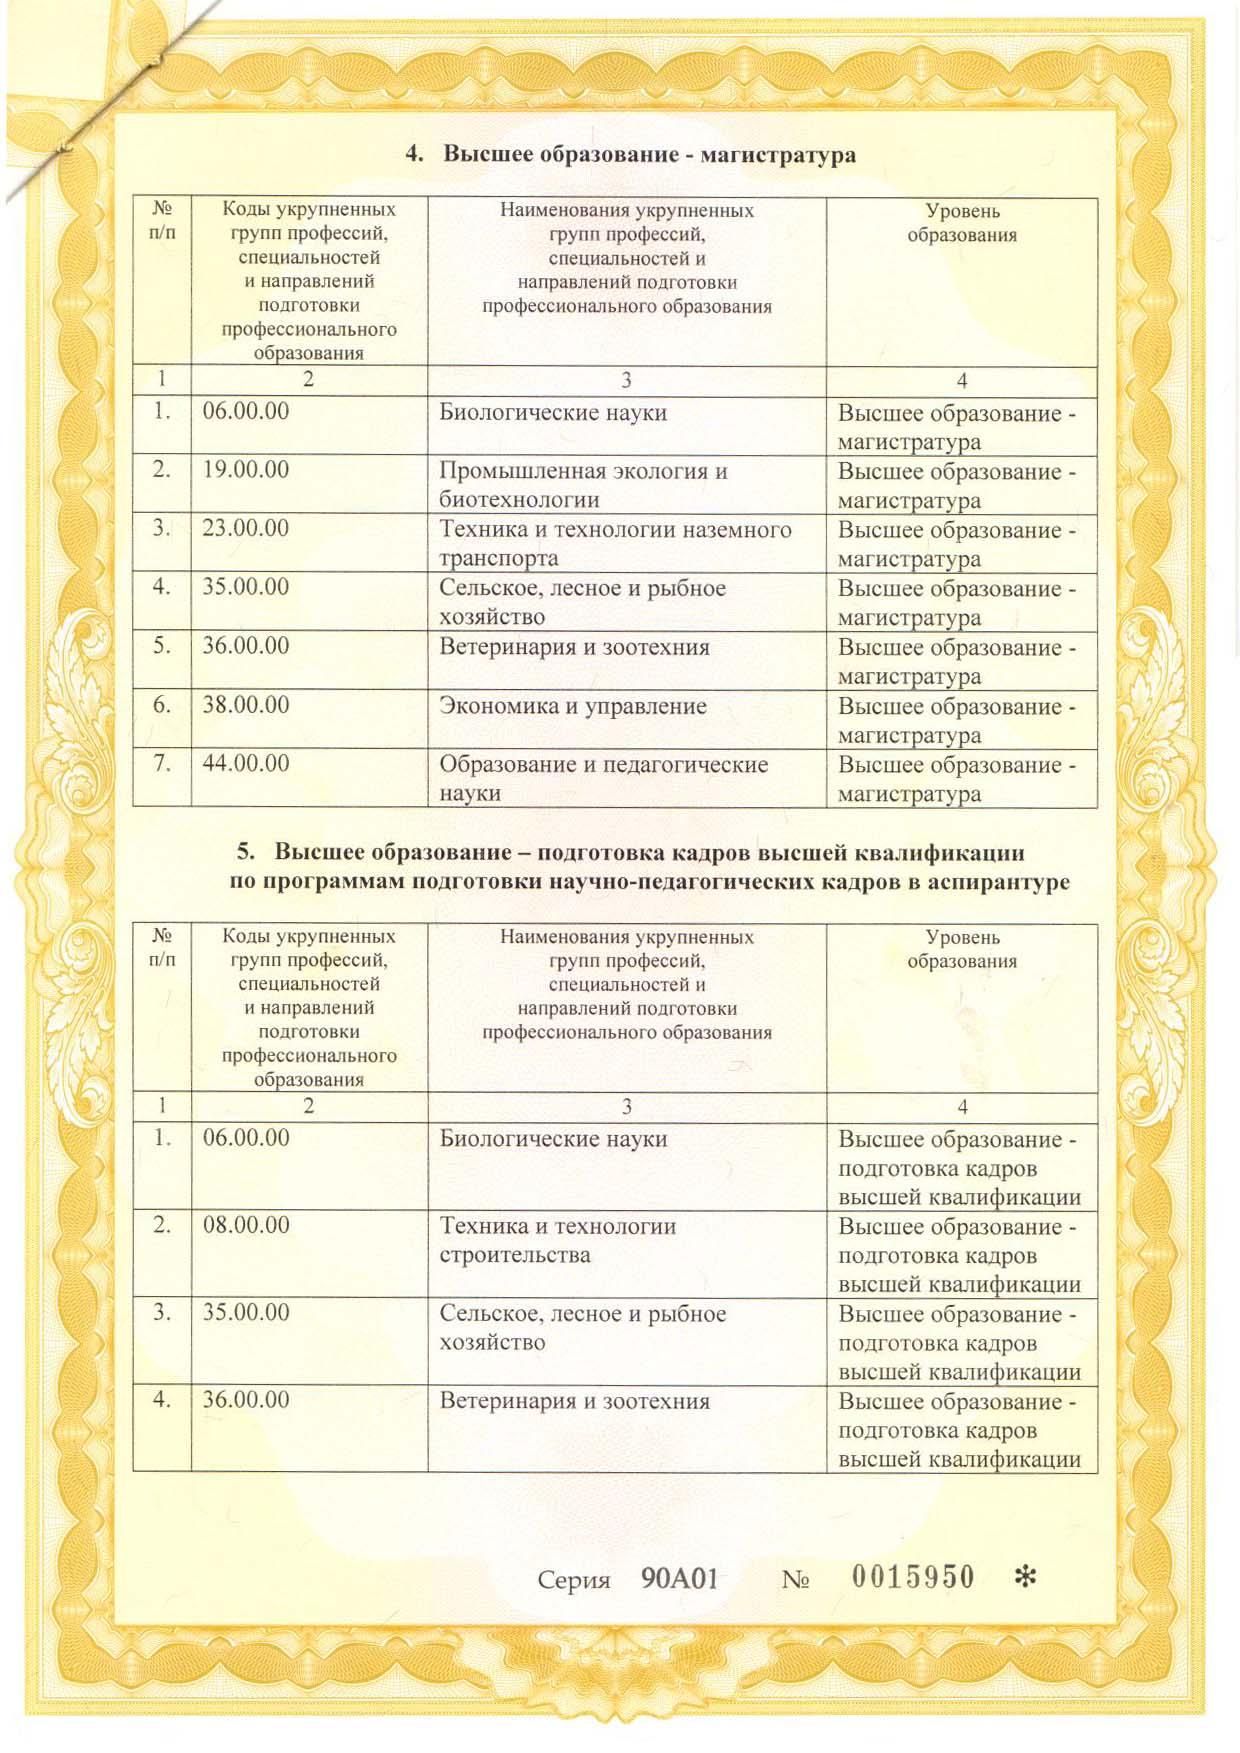 Приложение 1, лист 3